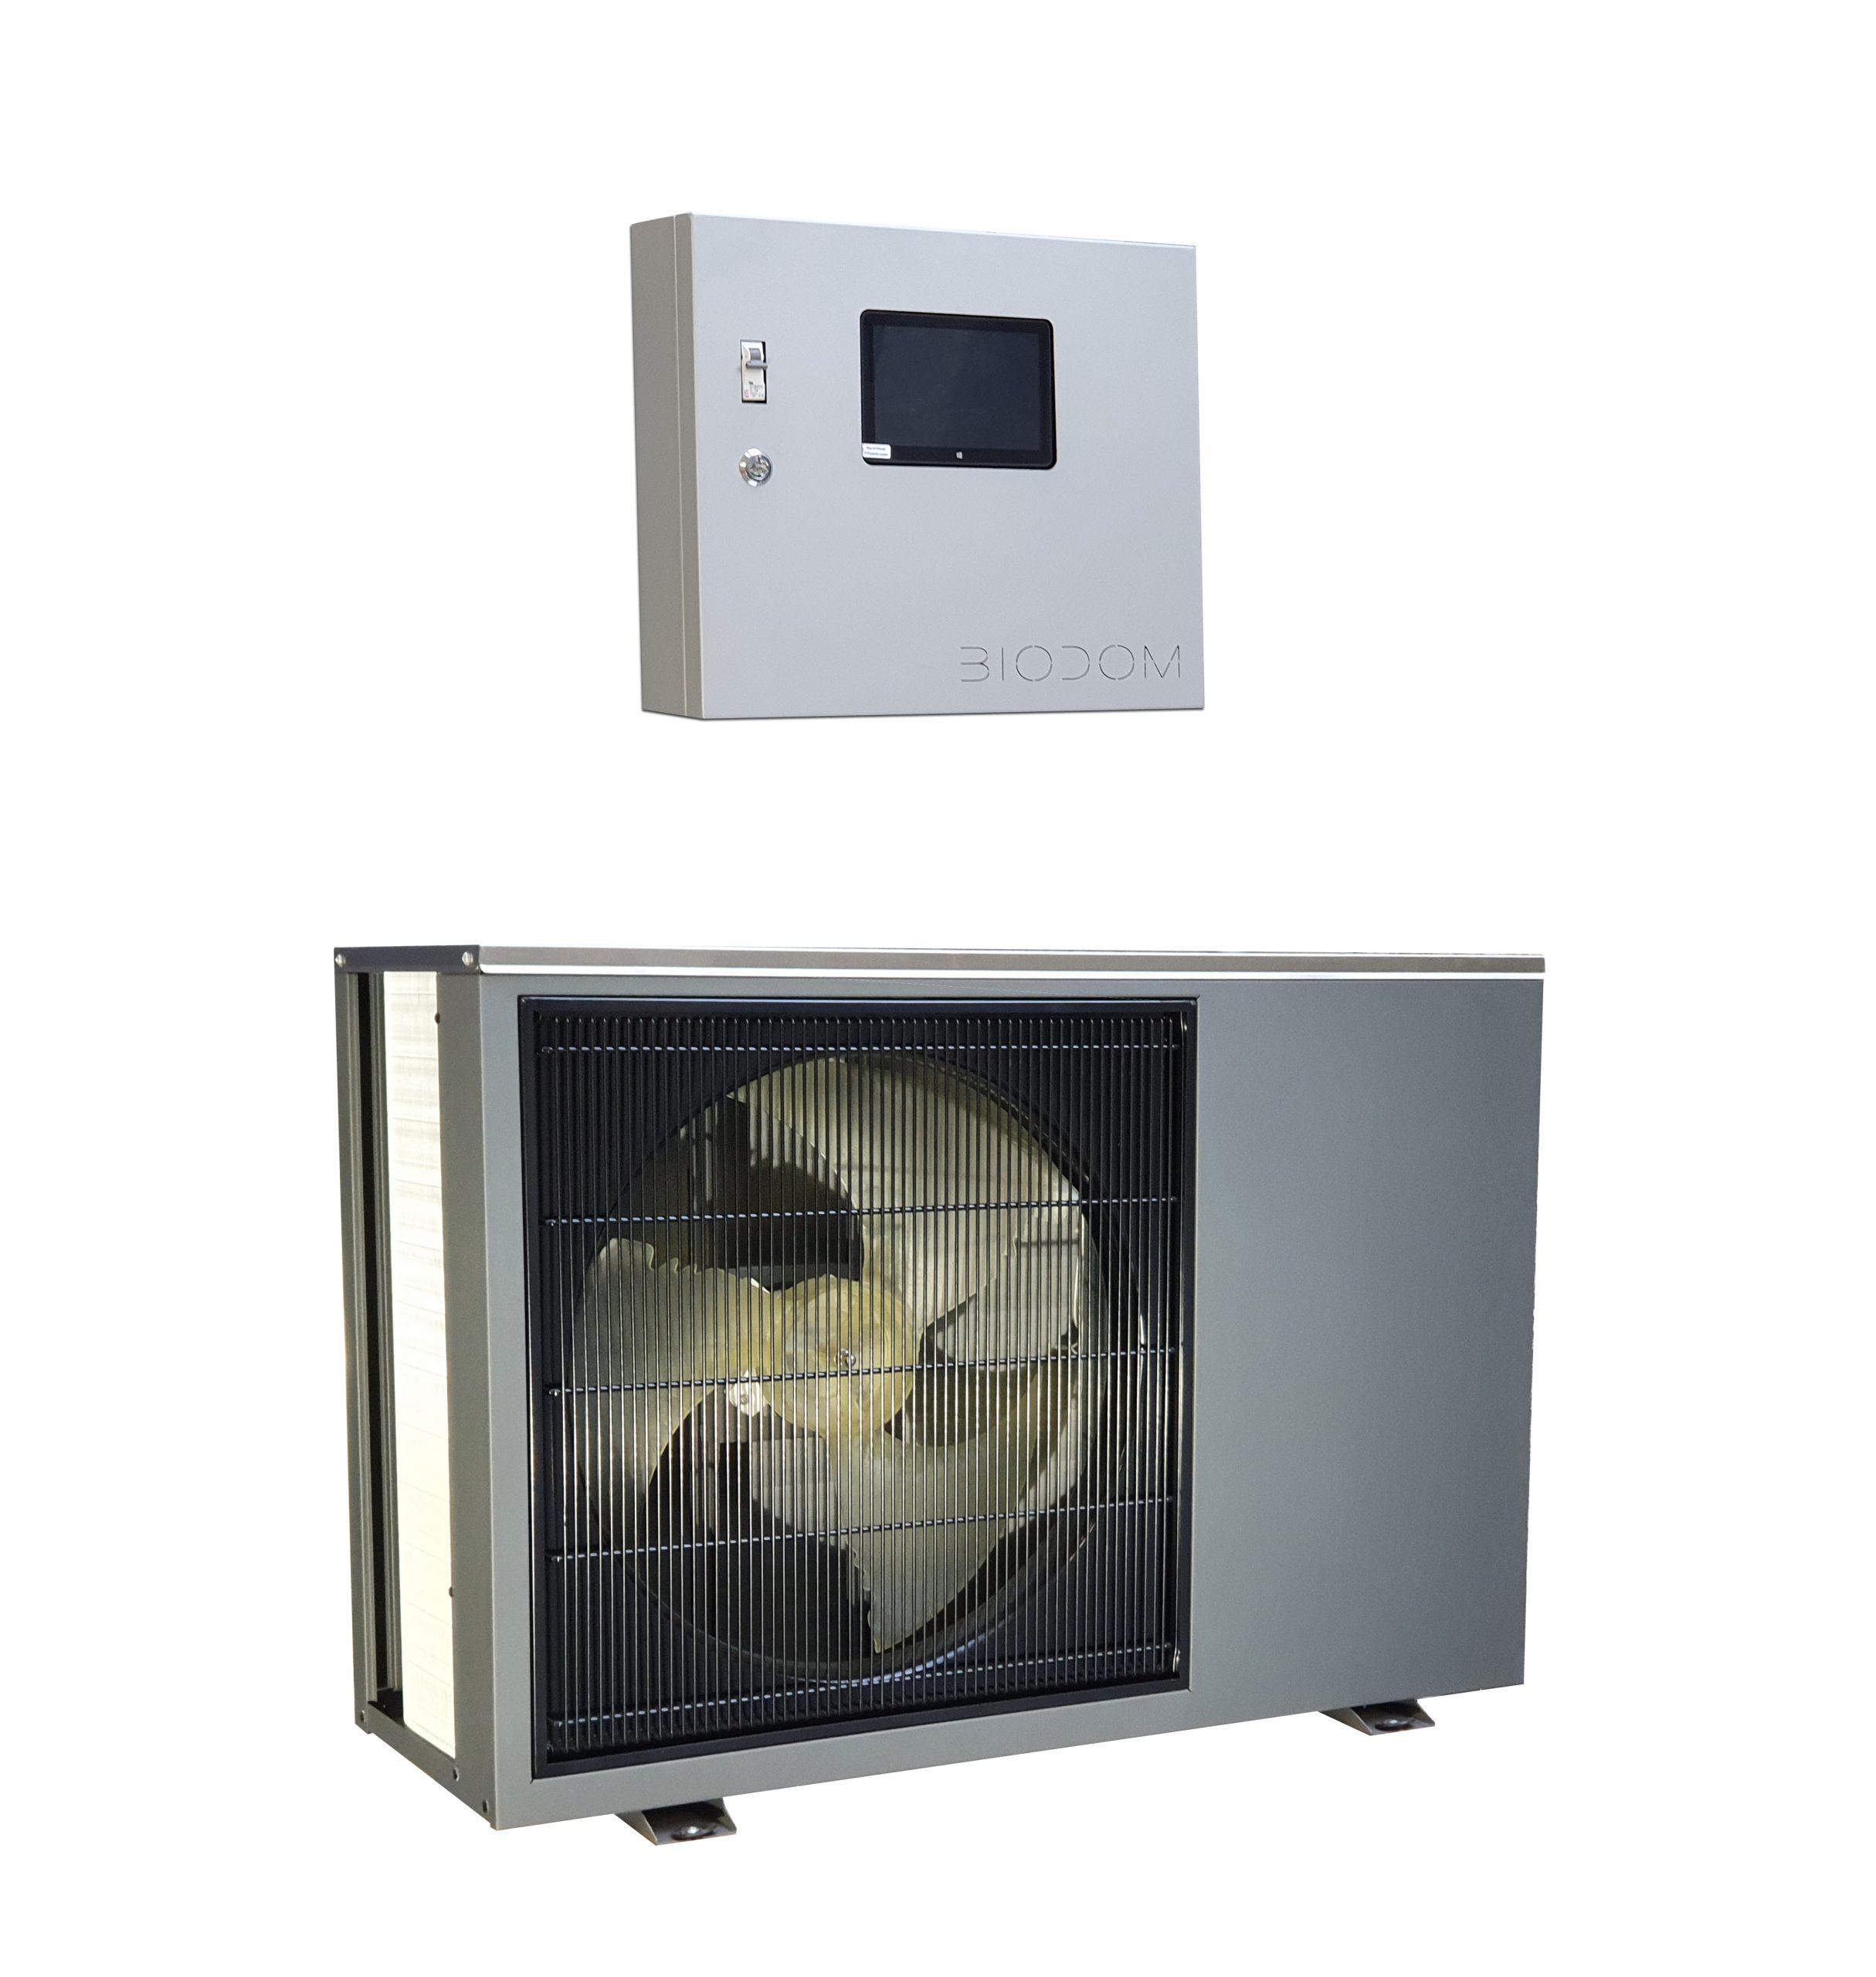 Biodom warmtepomp met controller